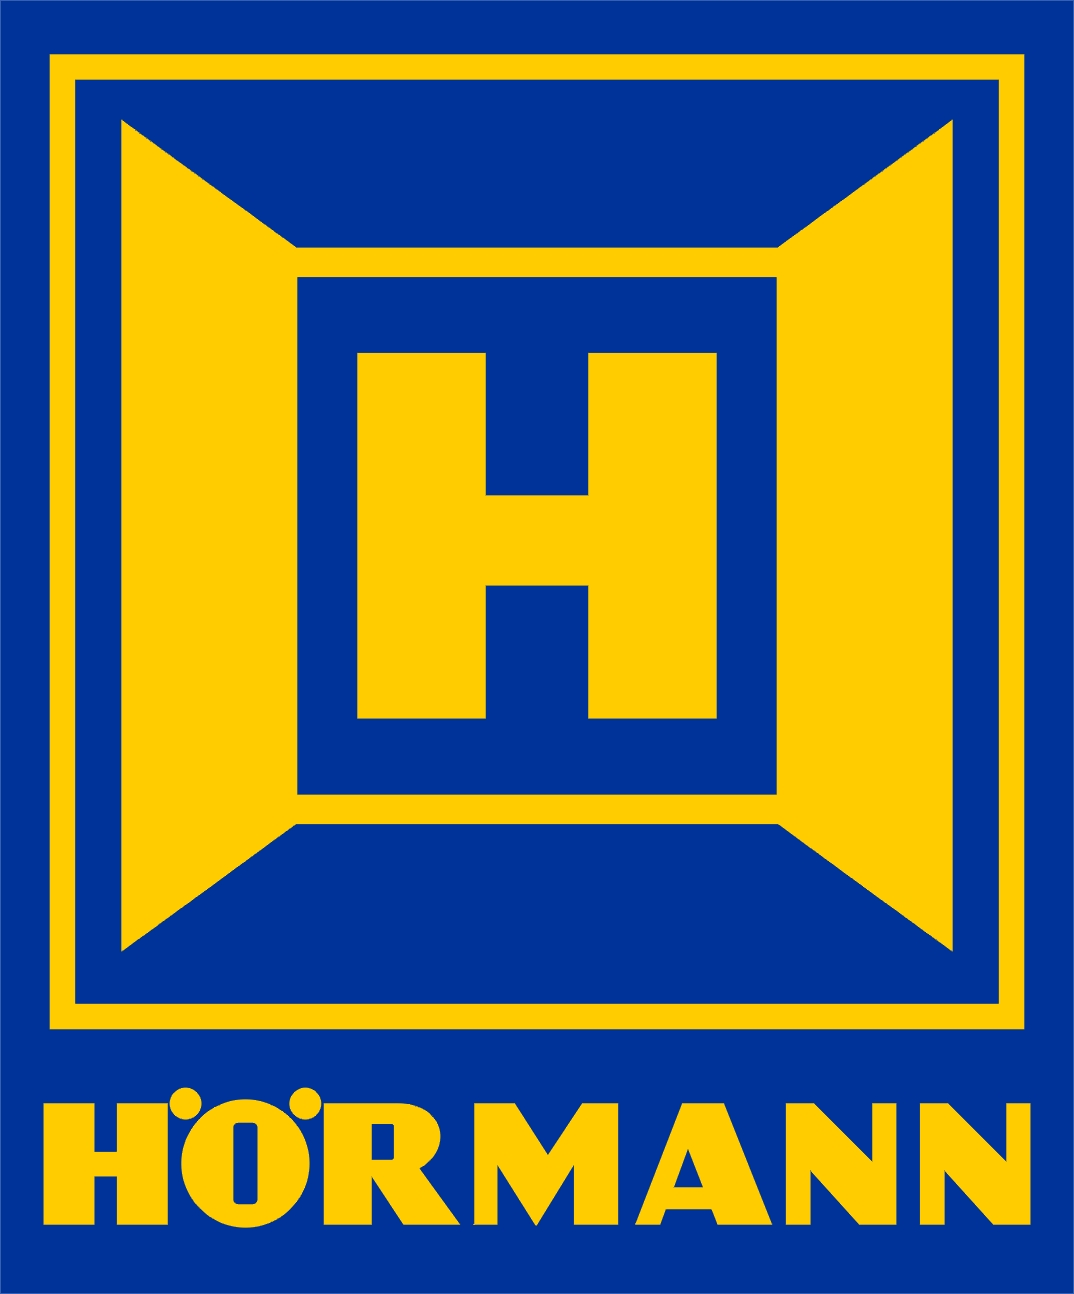 Autoryzowany Serwis Hormann